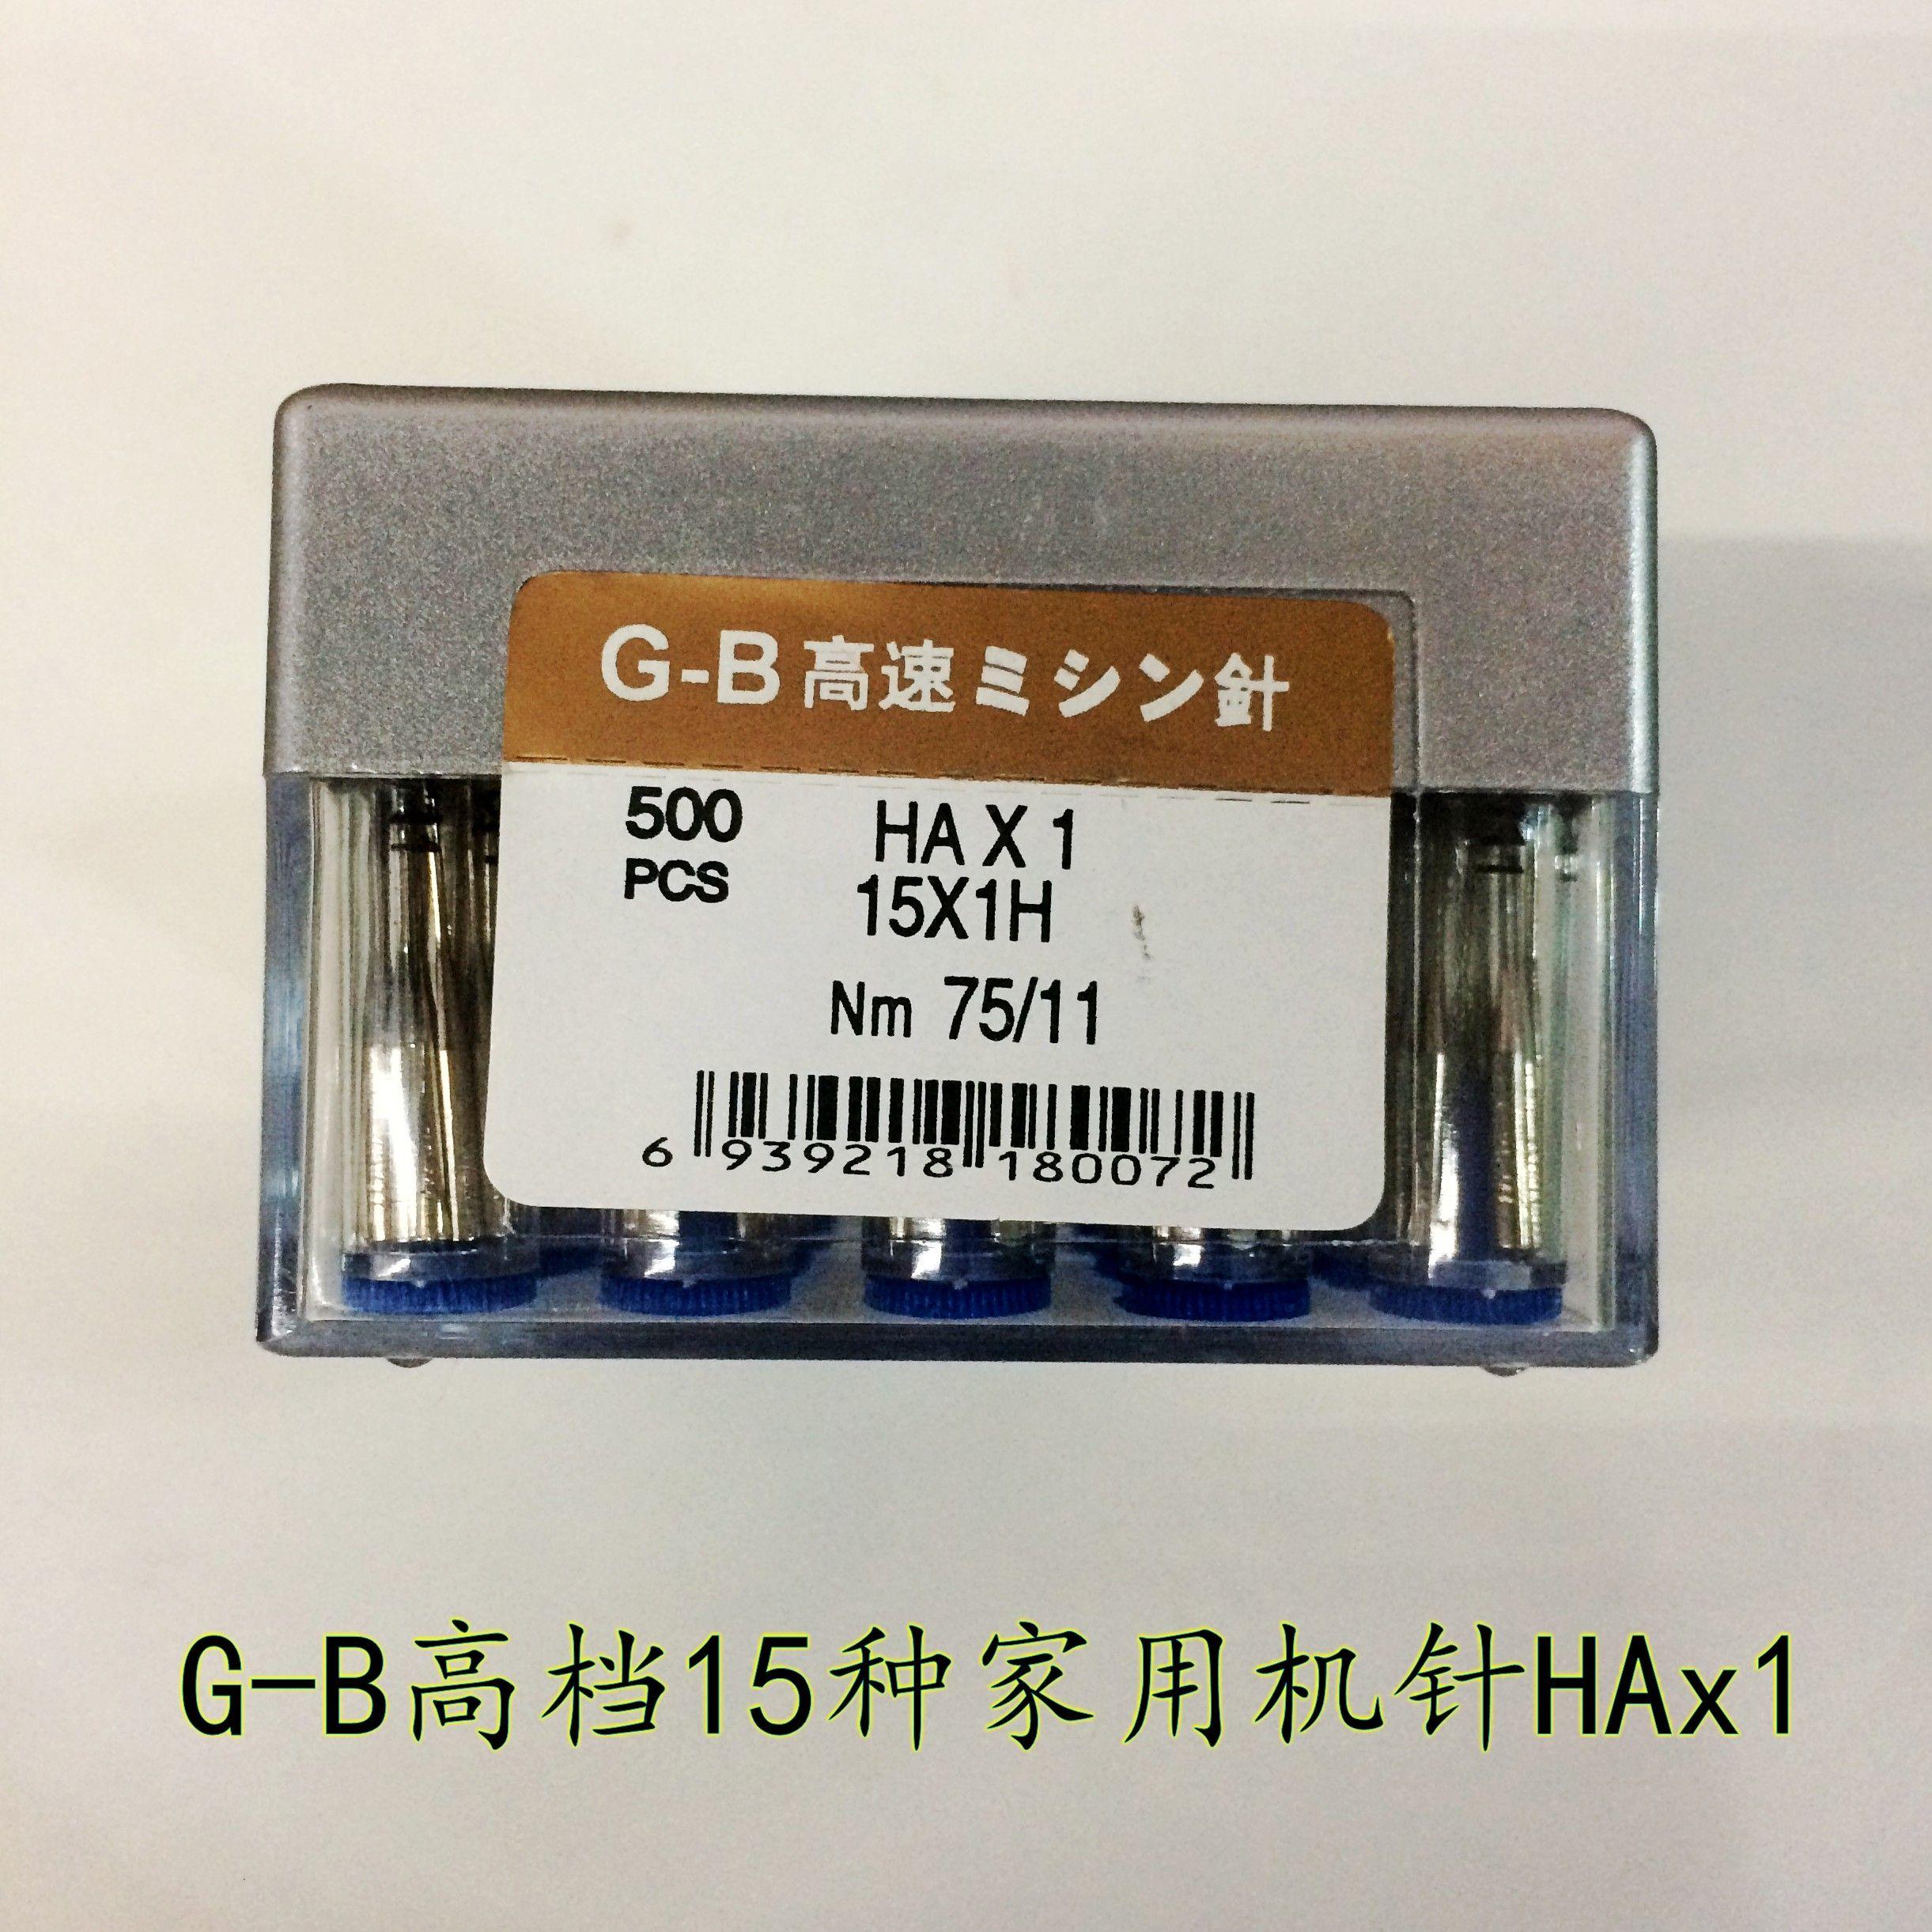 正品G-B机针家用HAX1 质量上乘包装高档 一盒50包/500支 50包起拍